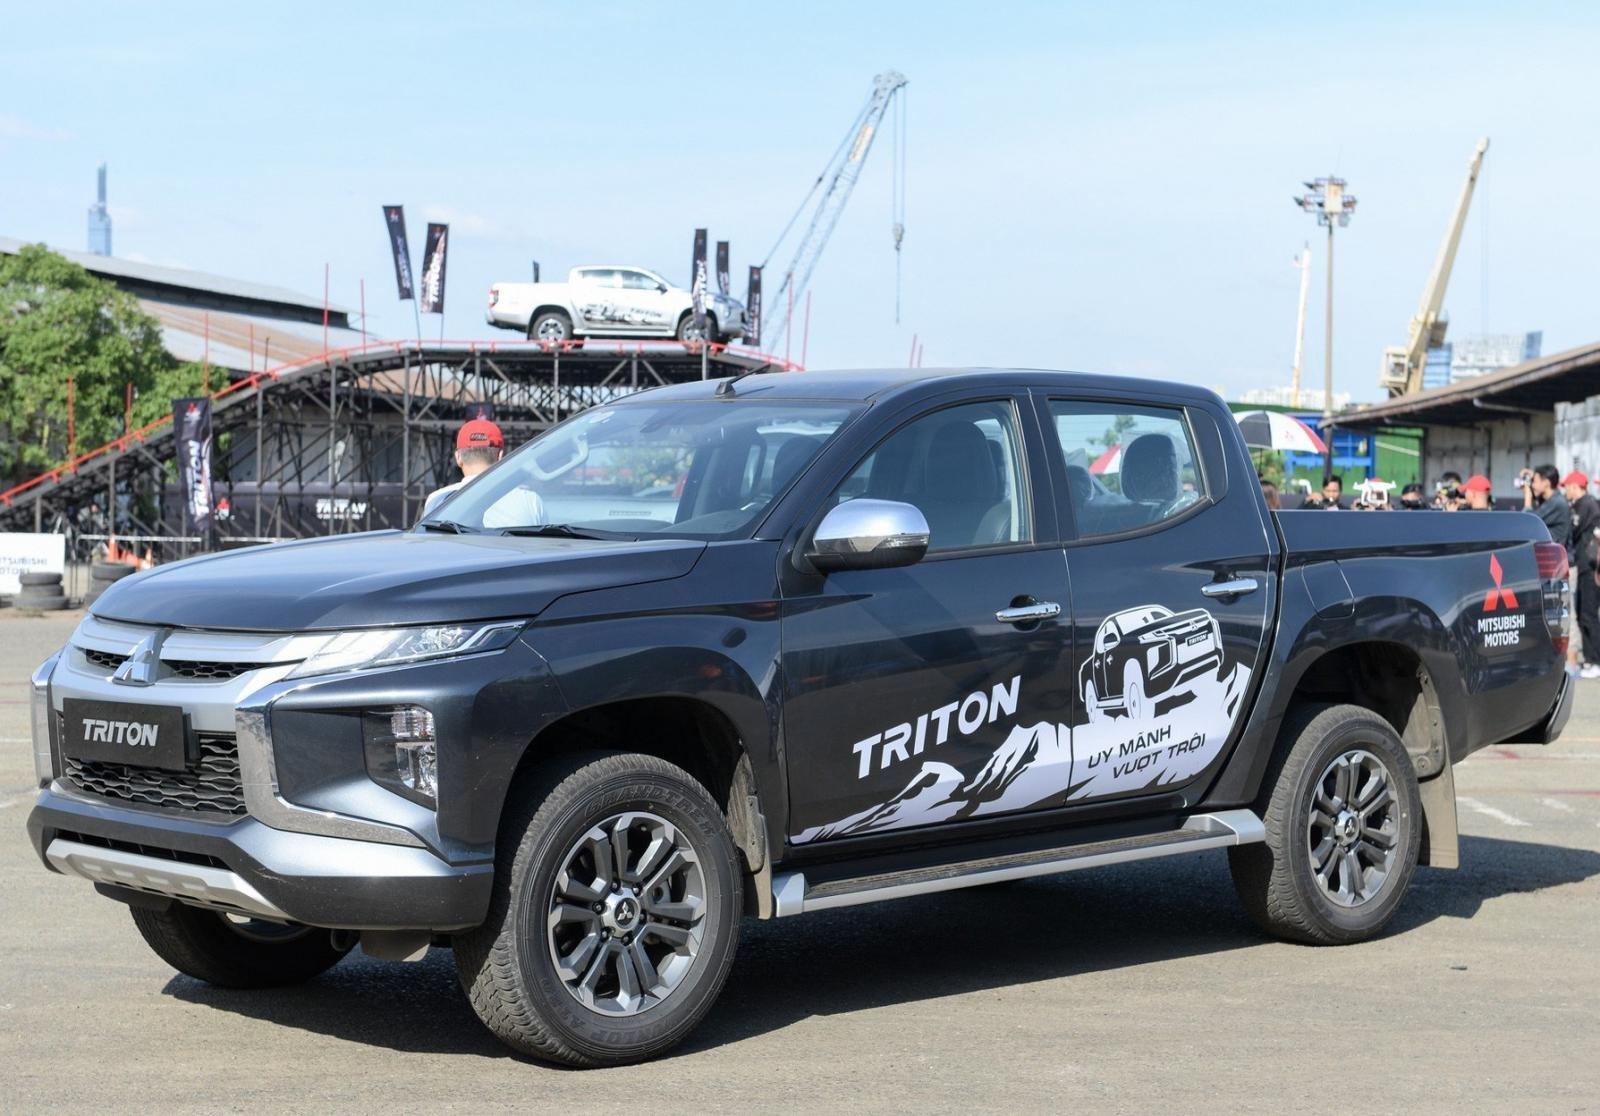 Mitsubishi Triton MIVEC 4x4 AT 2019 và Ford Ranger Wildtrak 4x4 AT 2018 về phần thân 3